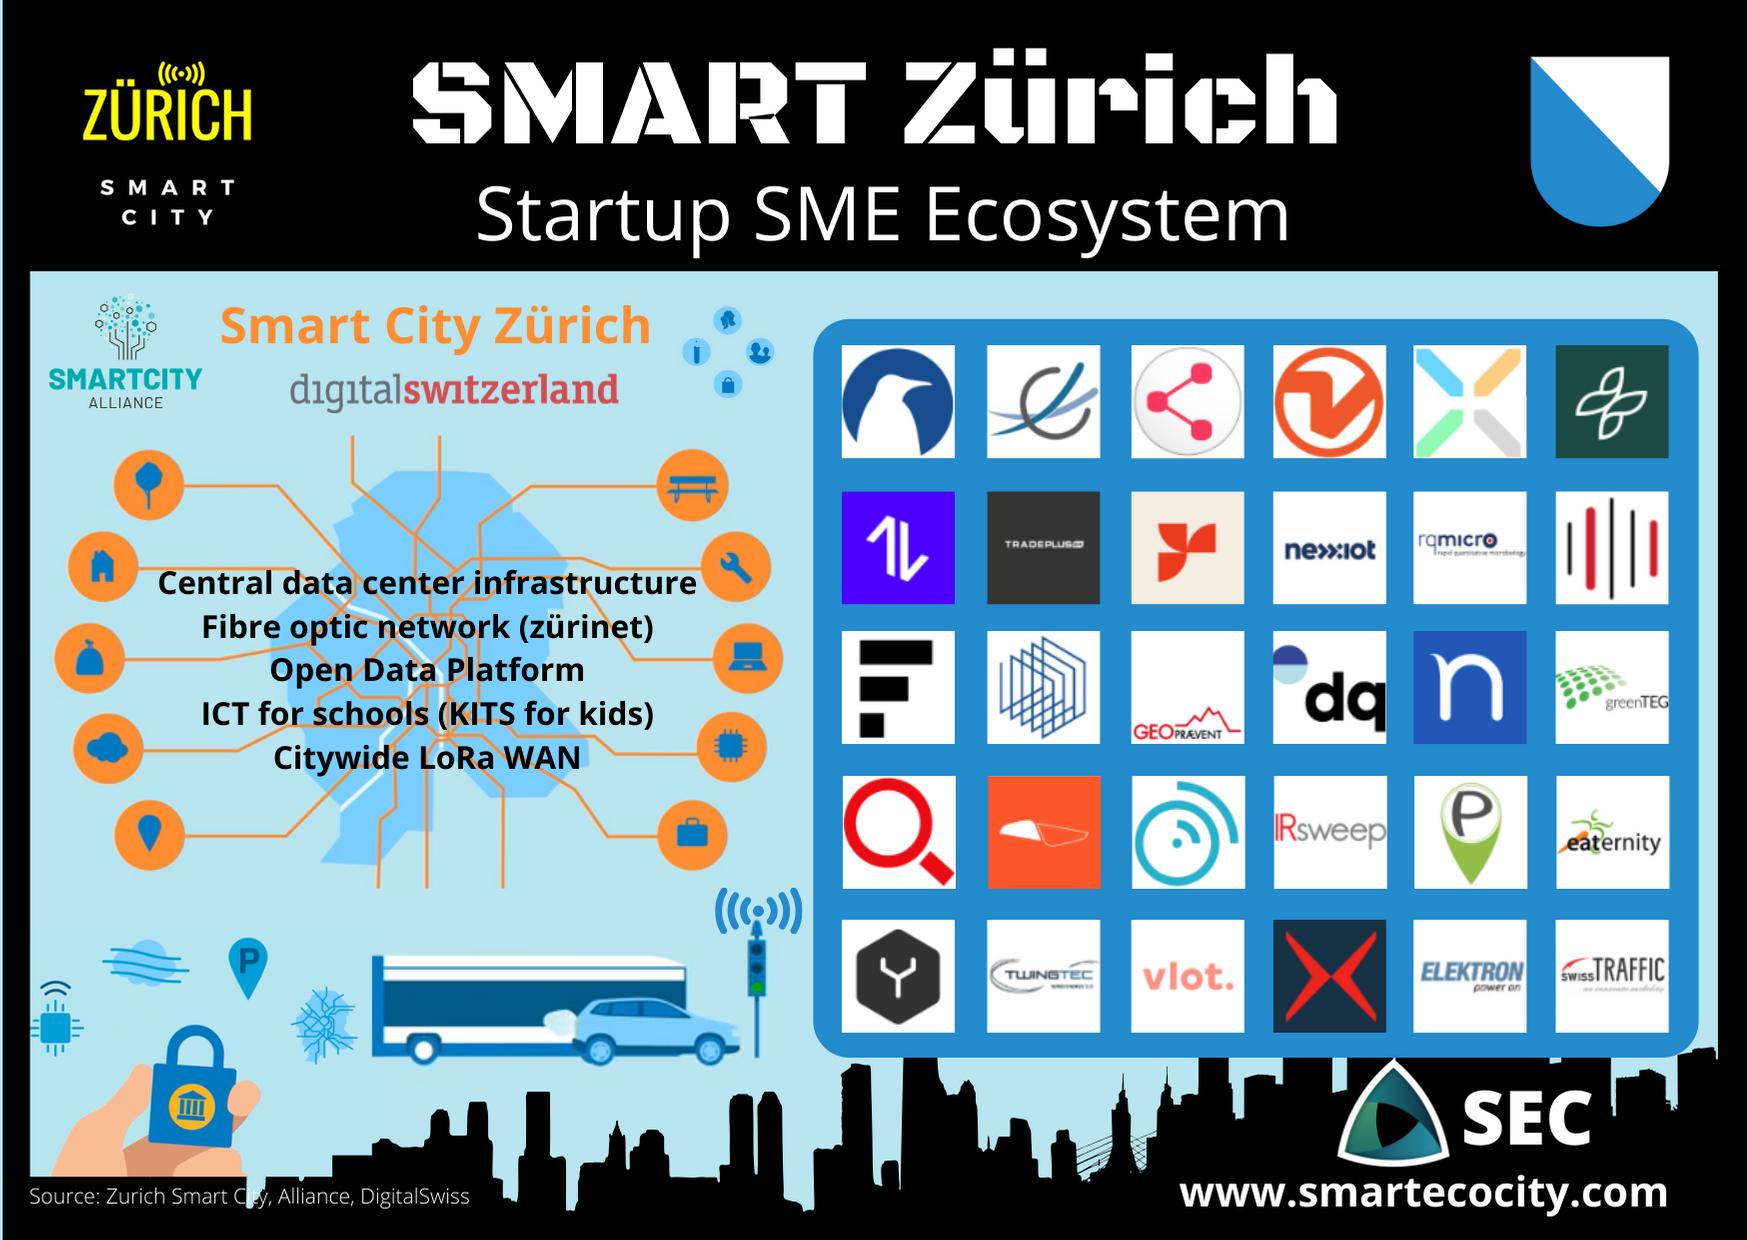 Smart City Zurich